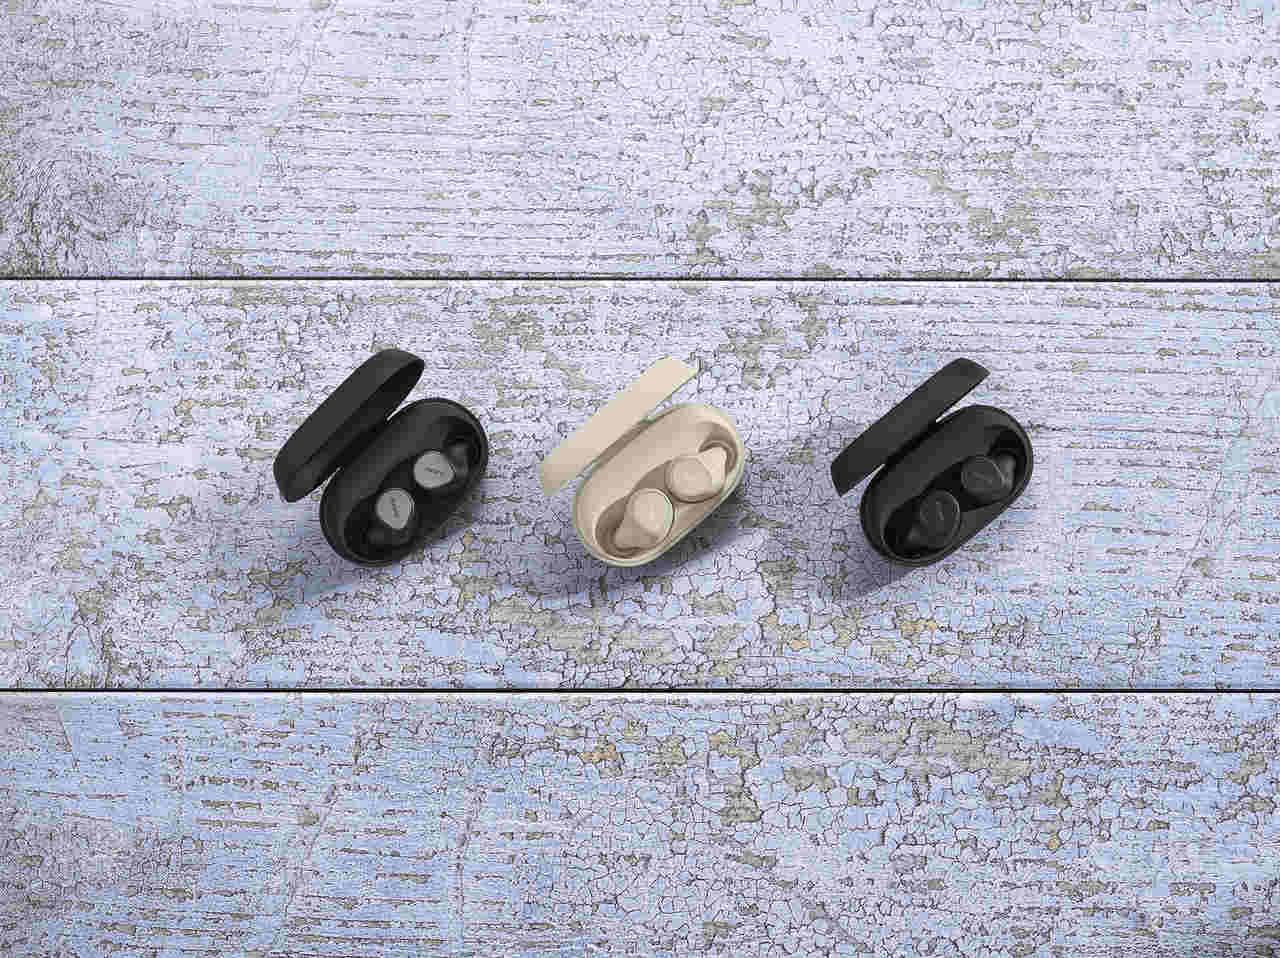 słuchawki bezprzewodowe Jabra Elite 7 Pro TWS earbuds